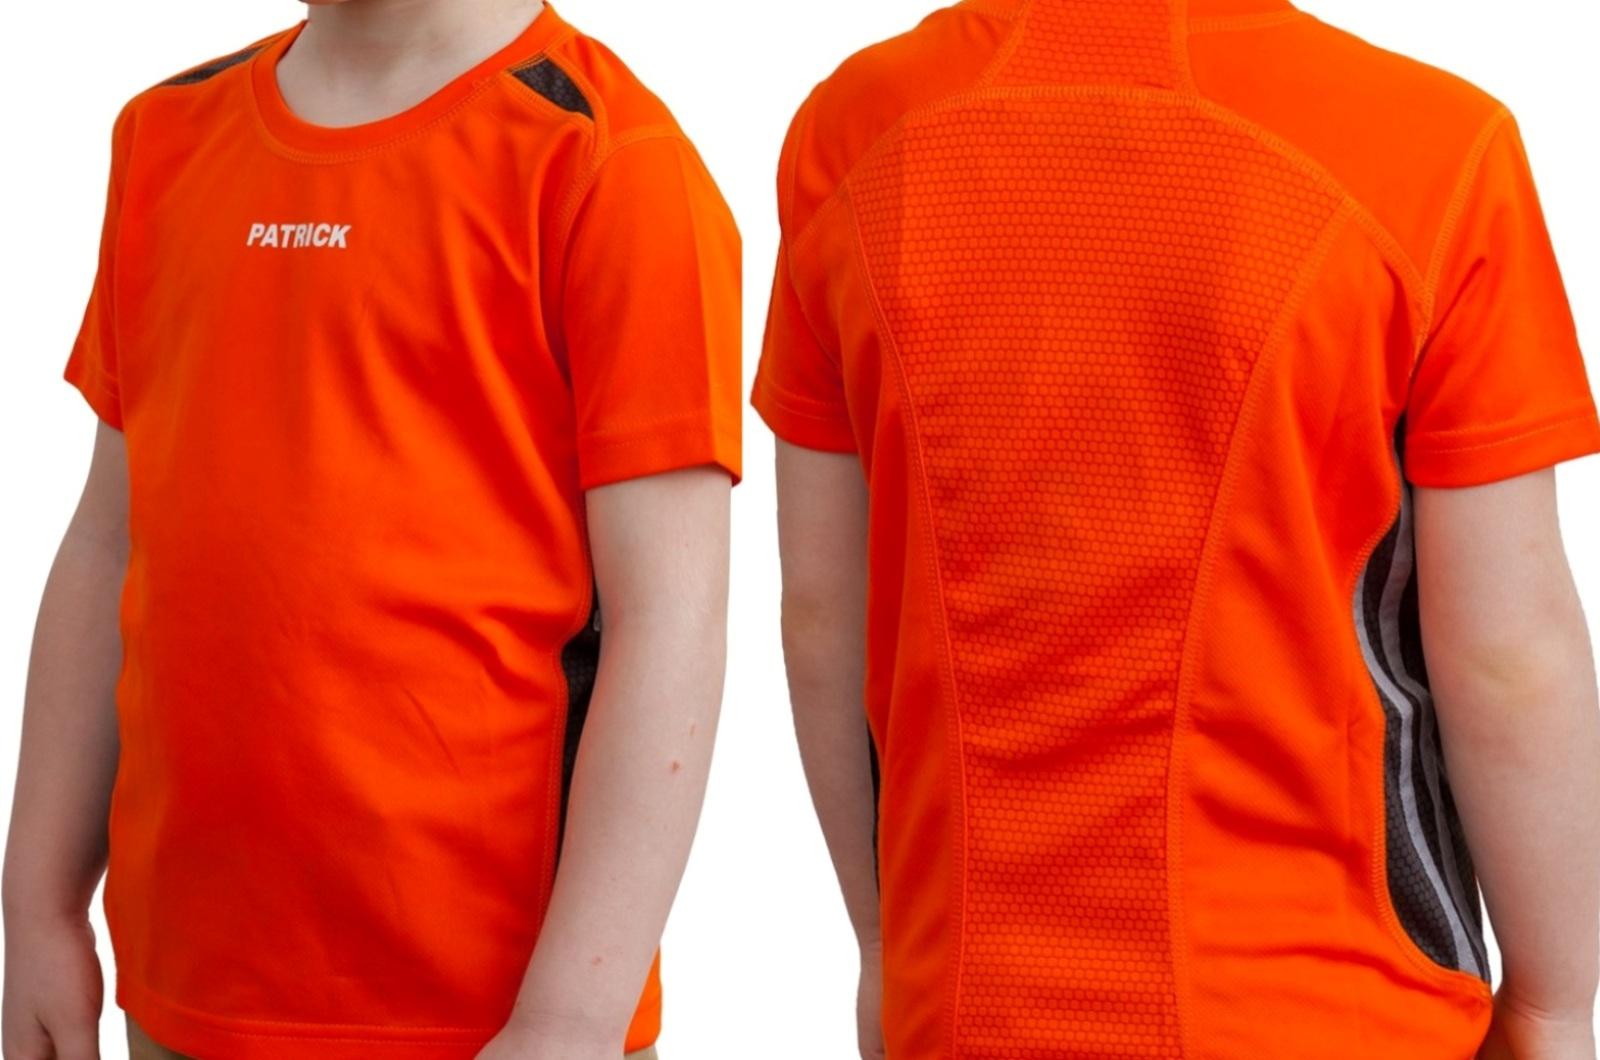 Спортивная футболка для мальчиков (Patrick, Бельгия)